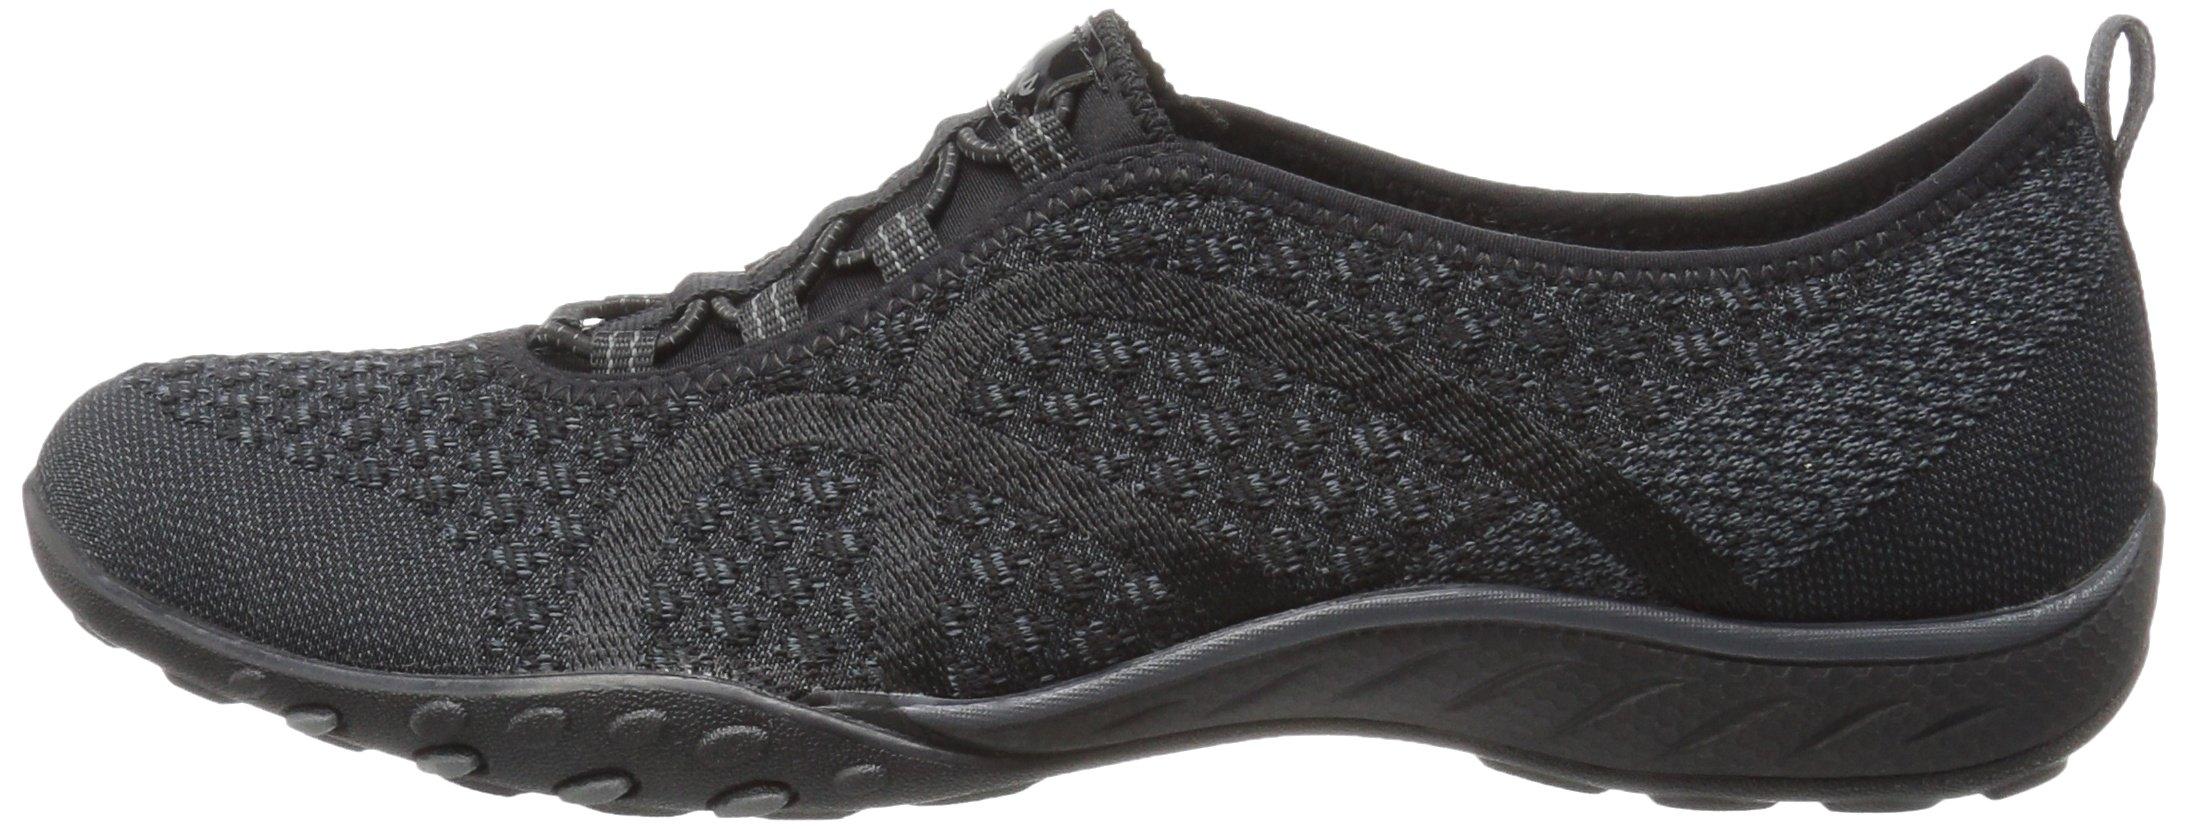 Skechers Sport Women's Breathe Easy Fortune Fashion Sneaker,Black Knit,5 M US by Skechers (Image #5)